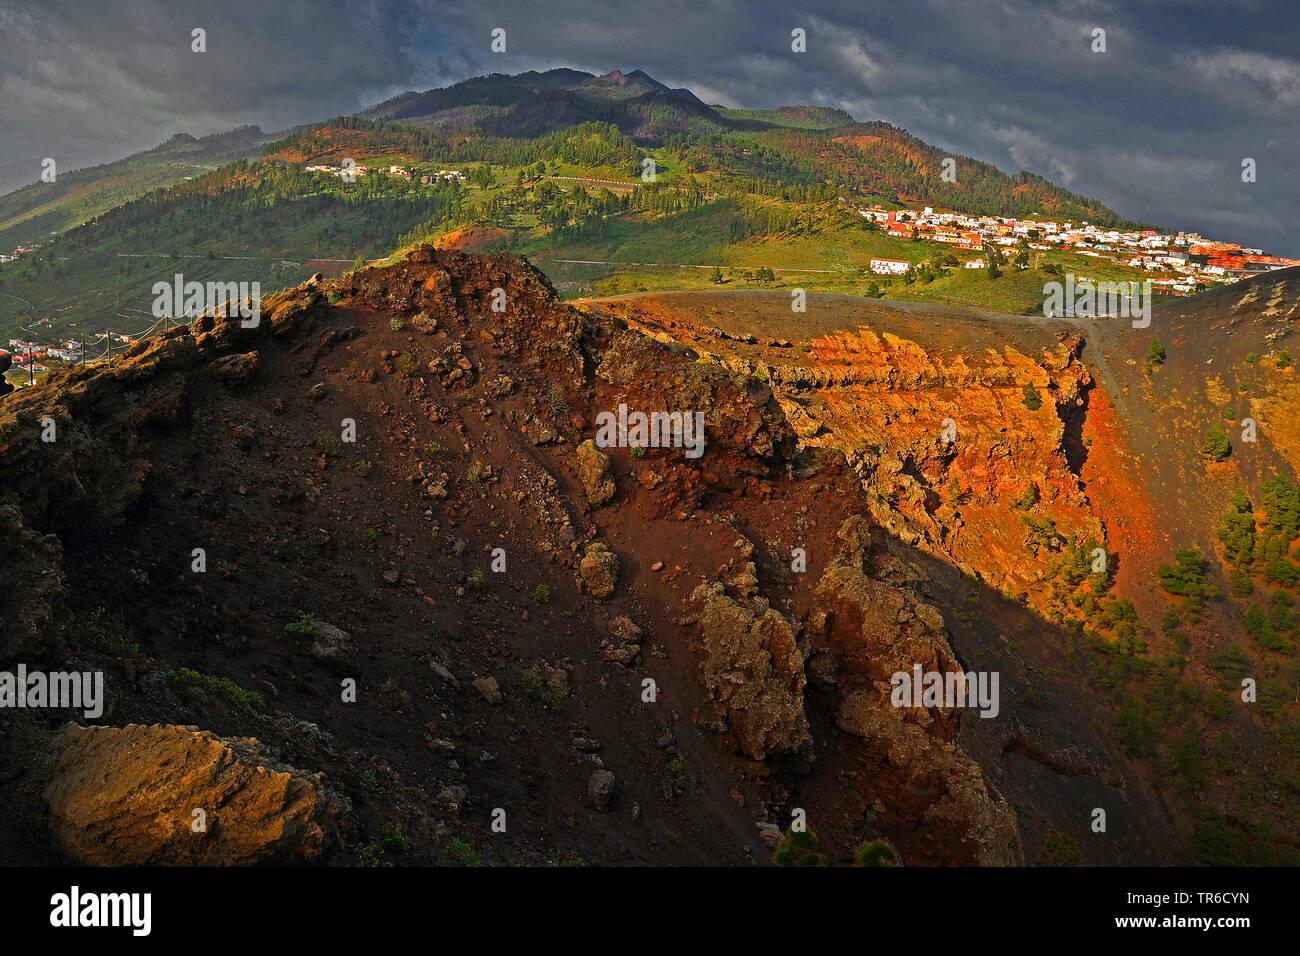 Vulkan San Antonio, Kanarische Inseln, La Gomera Stockbild